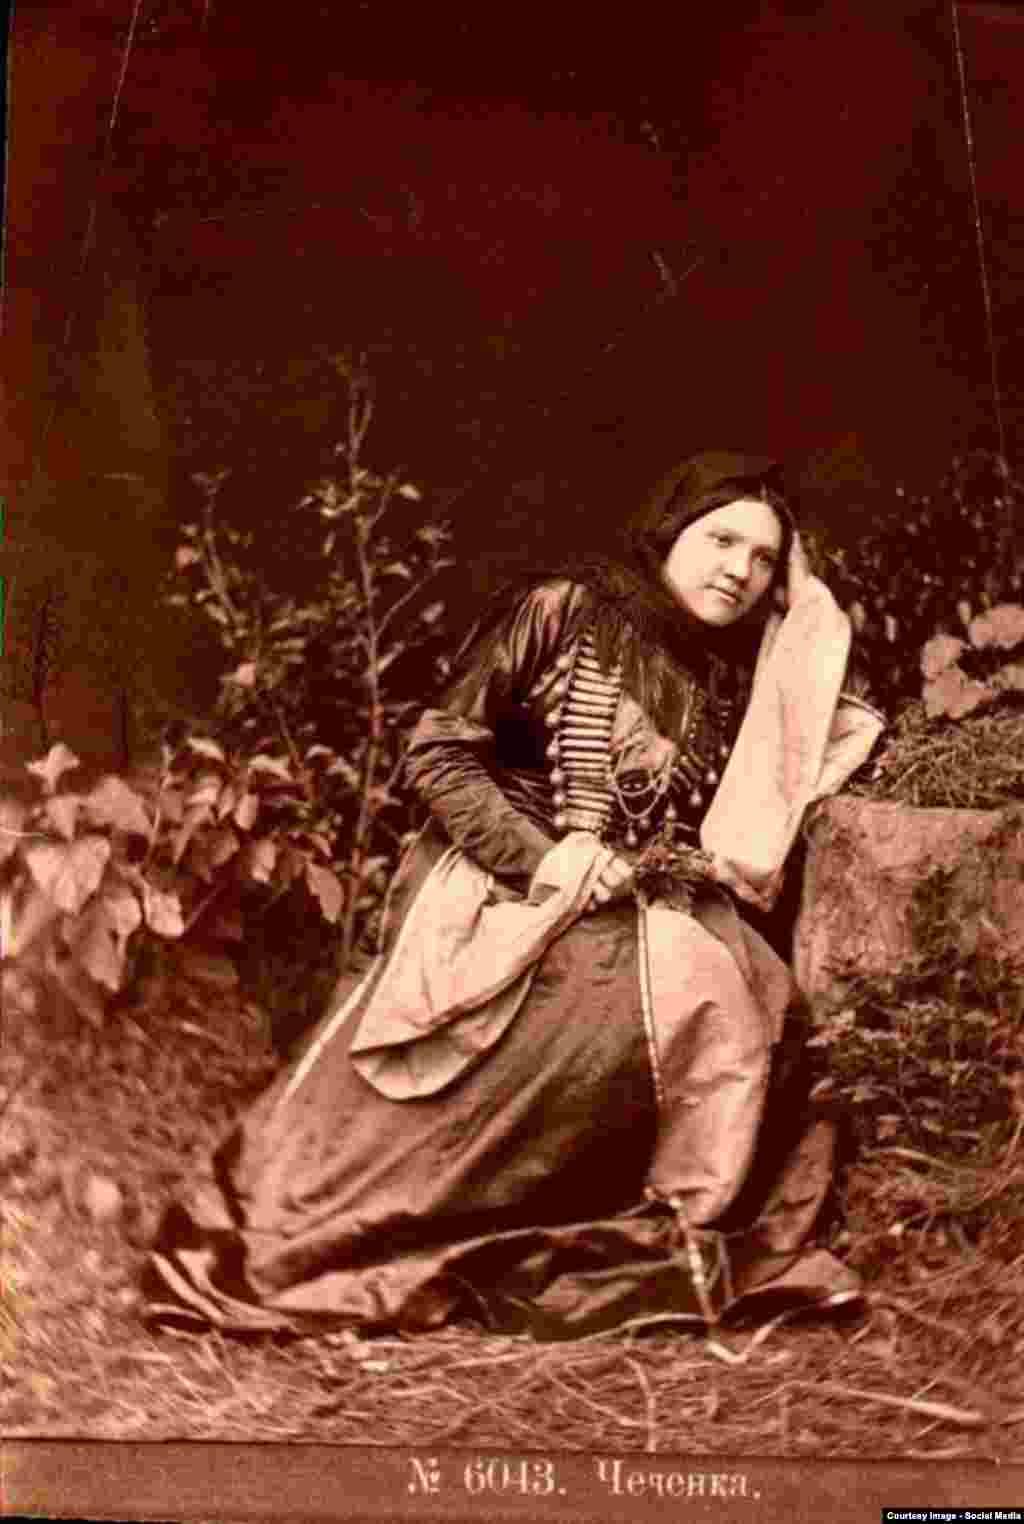 Чеченка, донька Генжуєва з Воздвиженська. Фотографія Д. Єрмакова